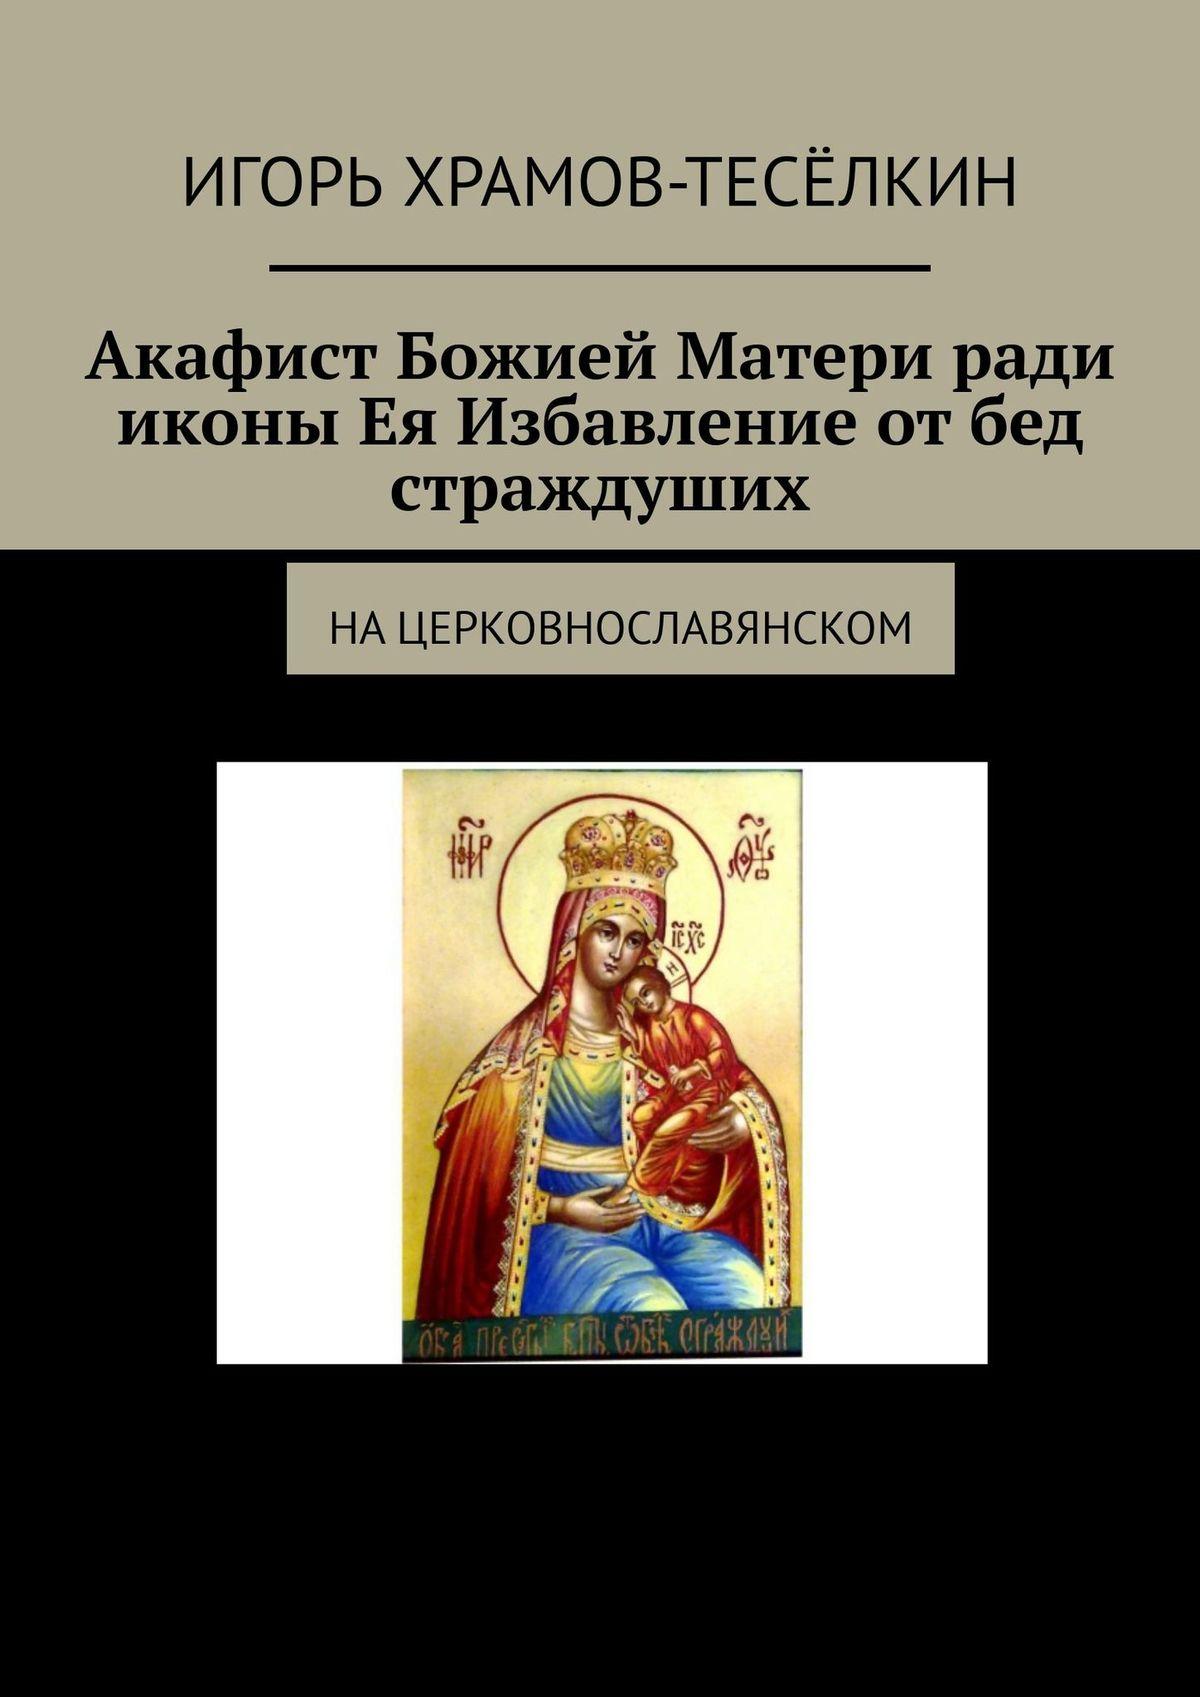 Акафист Божией Матери рали иконы Ея Избавление отбед страждуших. Нацерковнославянском